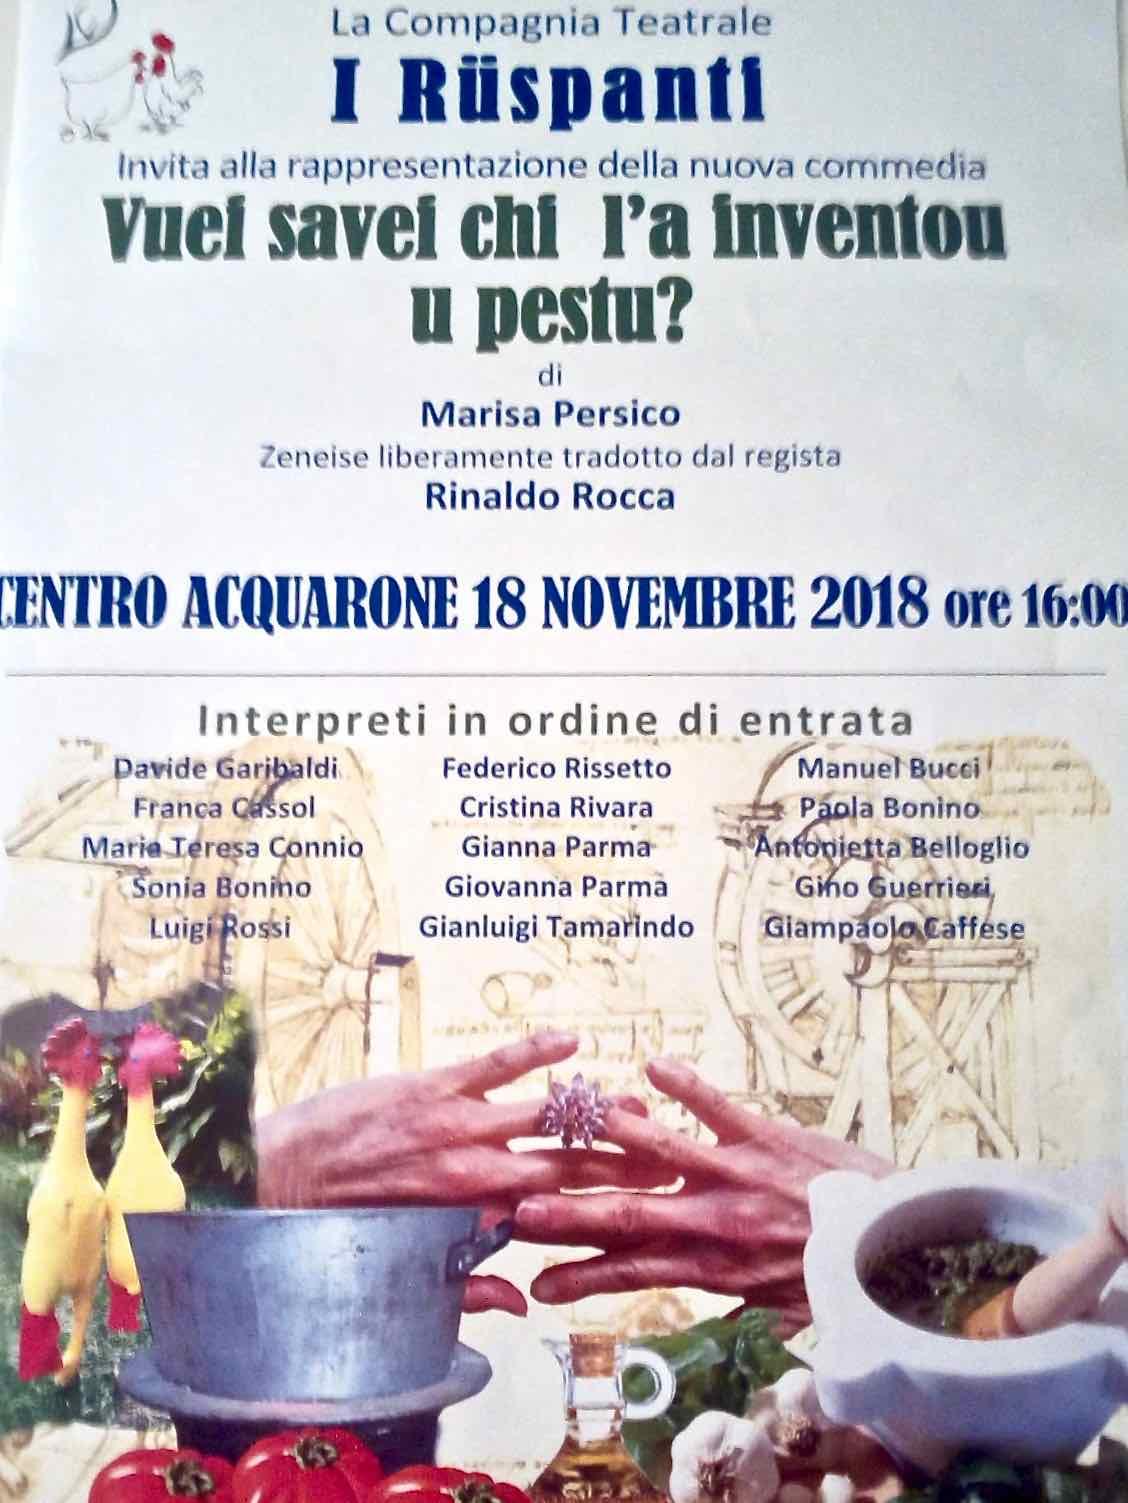 I Ruspanti - Vuei savei chi la inventou u pestu? - Centro Benedetto Acquarone 2018.11.18